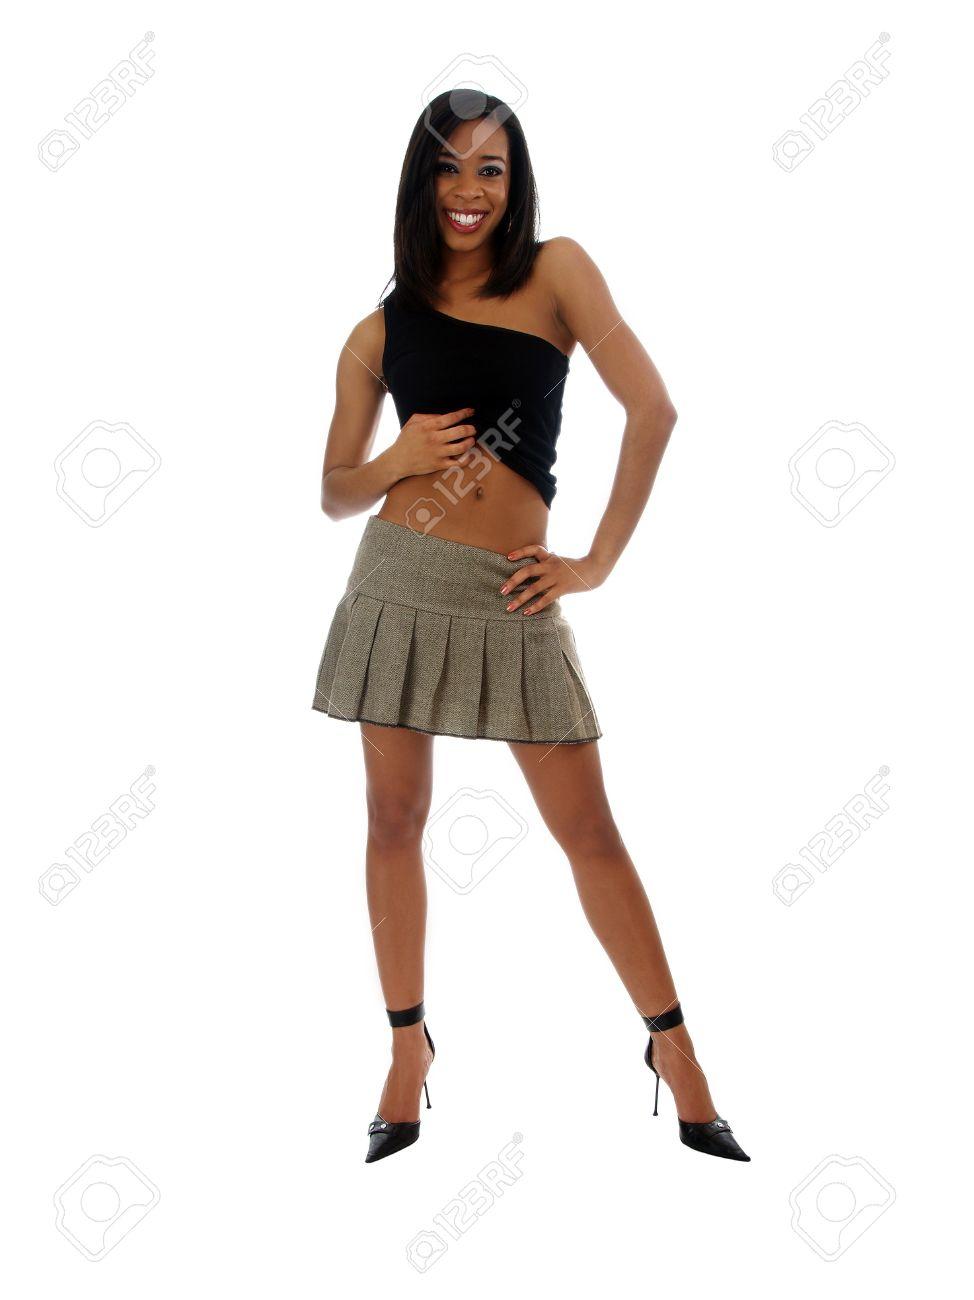 Free ebony women leg pics, yong white girl old black man